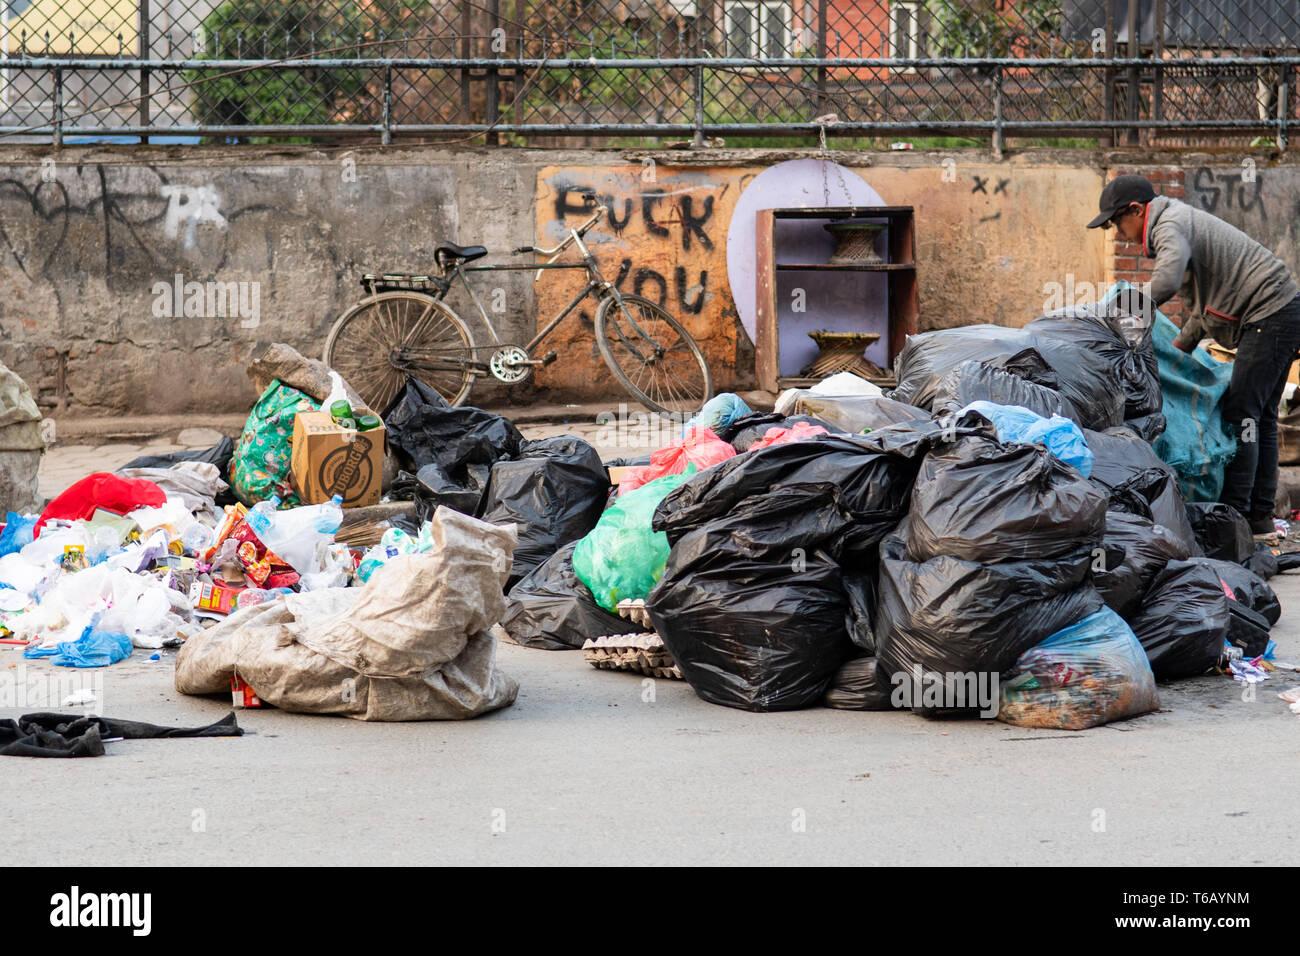 Katmandou, Népal - 20 avril 2019 - Collecte de tri par le biais de tas de détritus tôt le matin dans la rue. Photo Stock